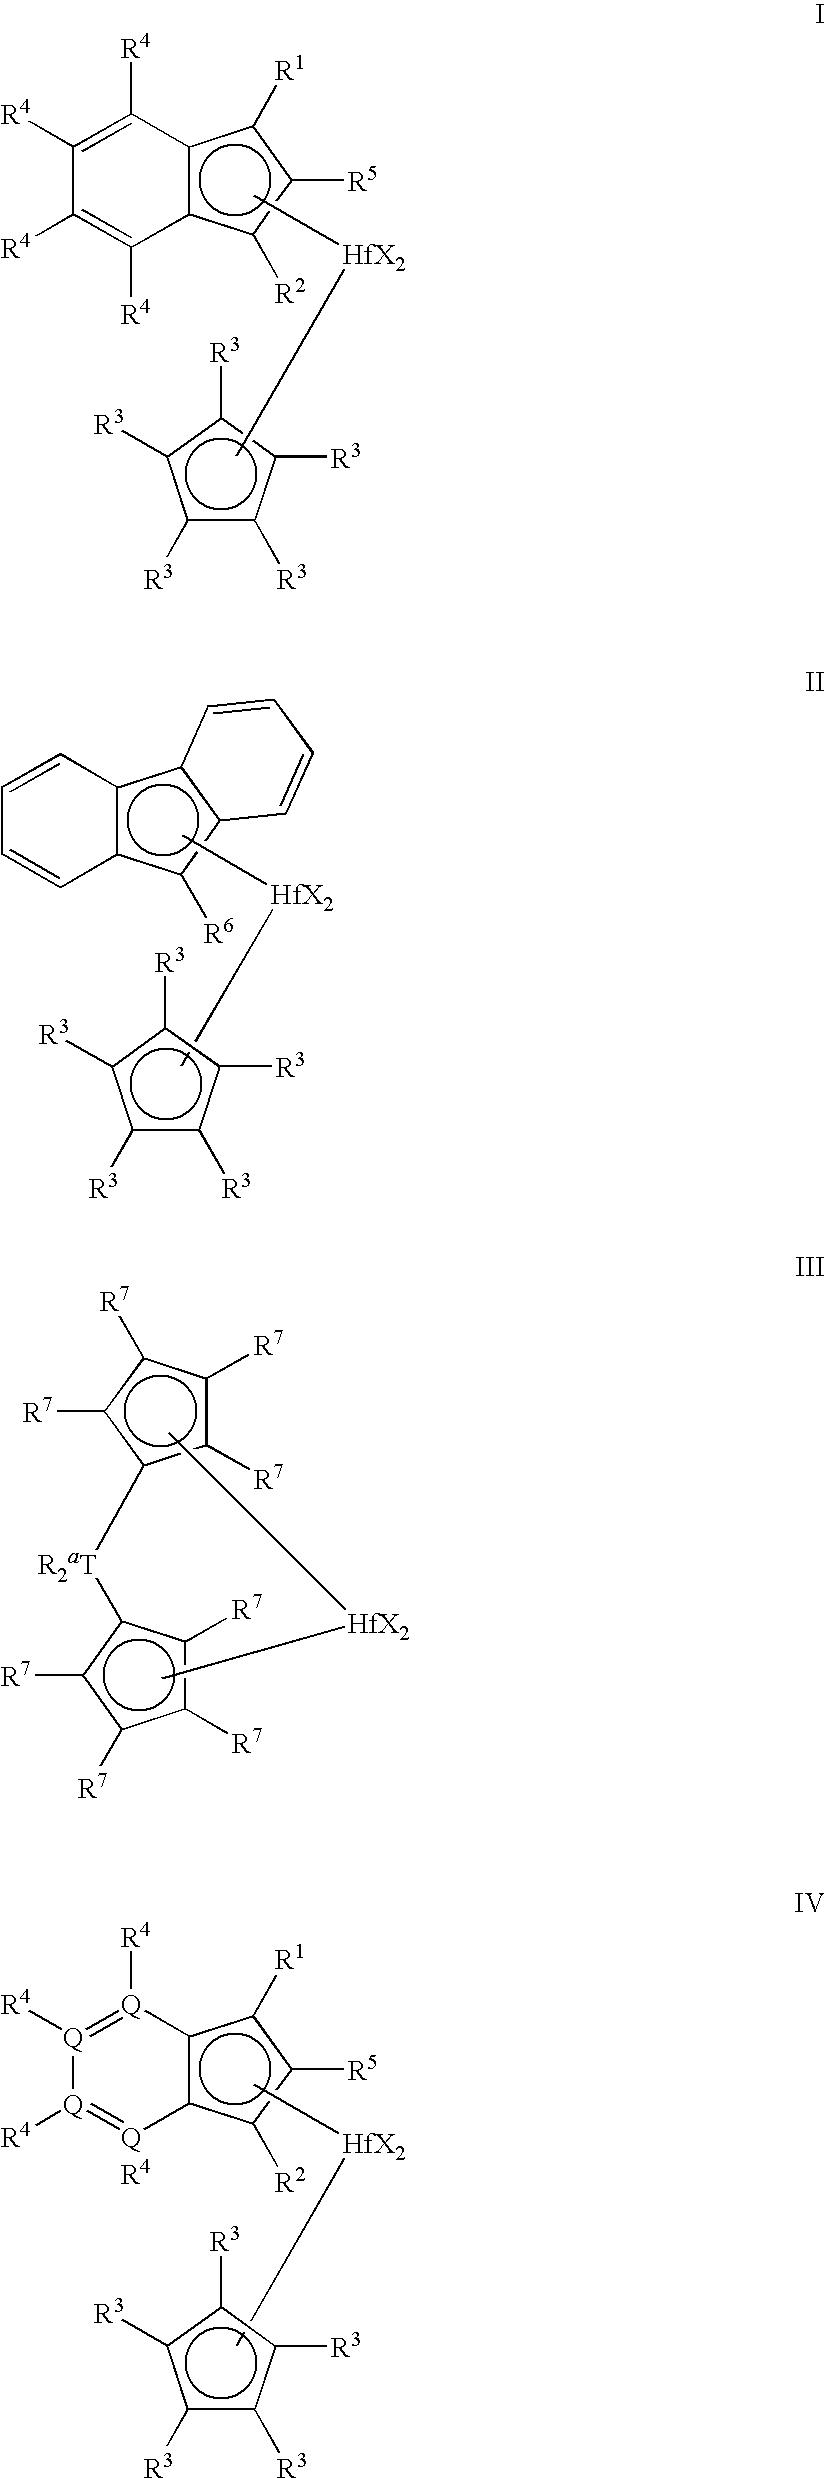 Figure US20090318647A1-20091224-C00016